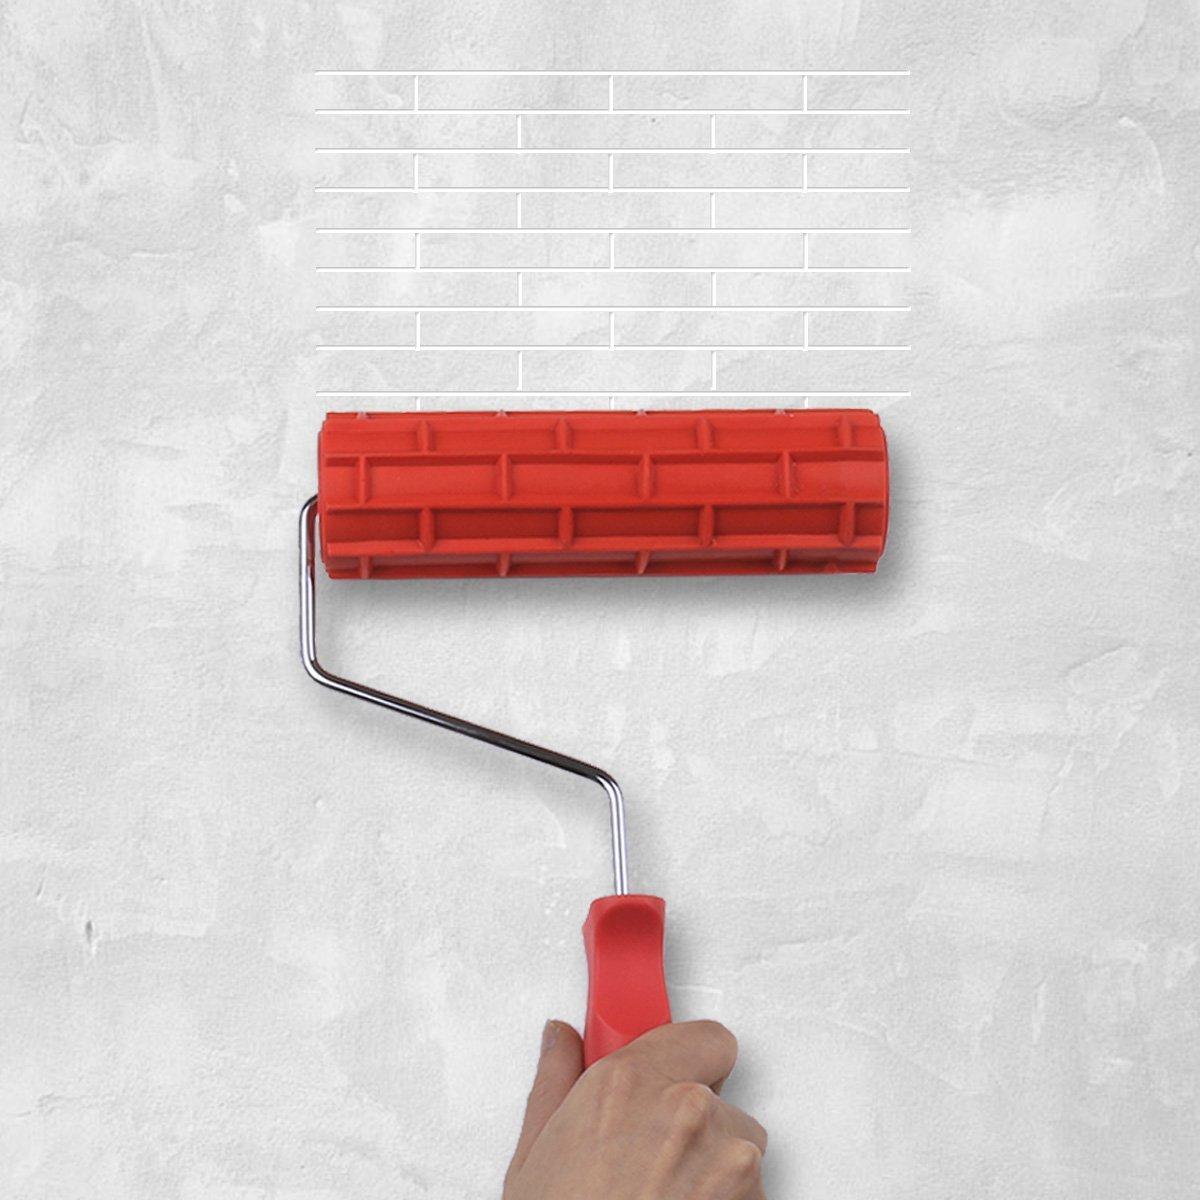 Chictry 6.99 cm gạch tường hình kết cấu tay áo chải vẽ trang trí sơn lăn DIY công cụ đưa tay cầm.